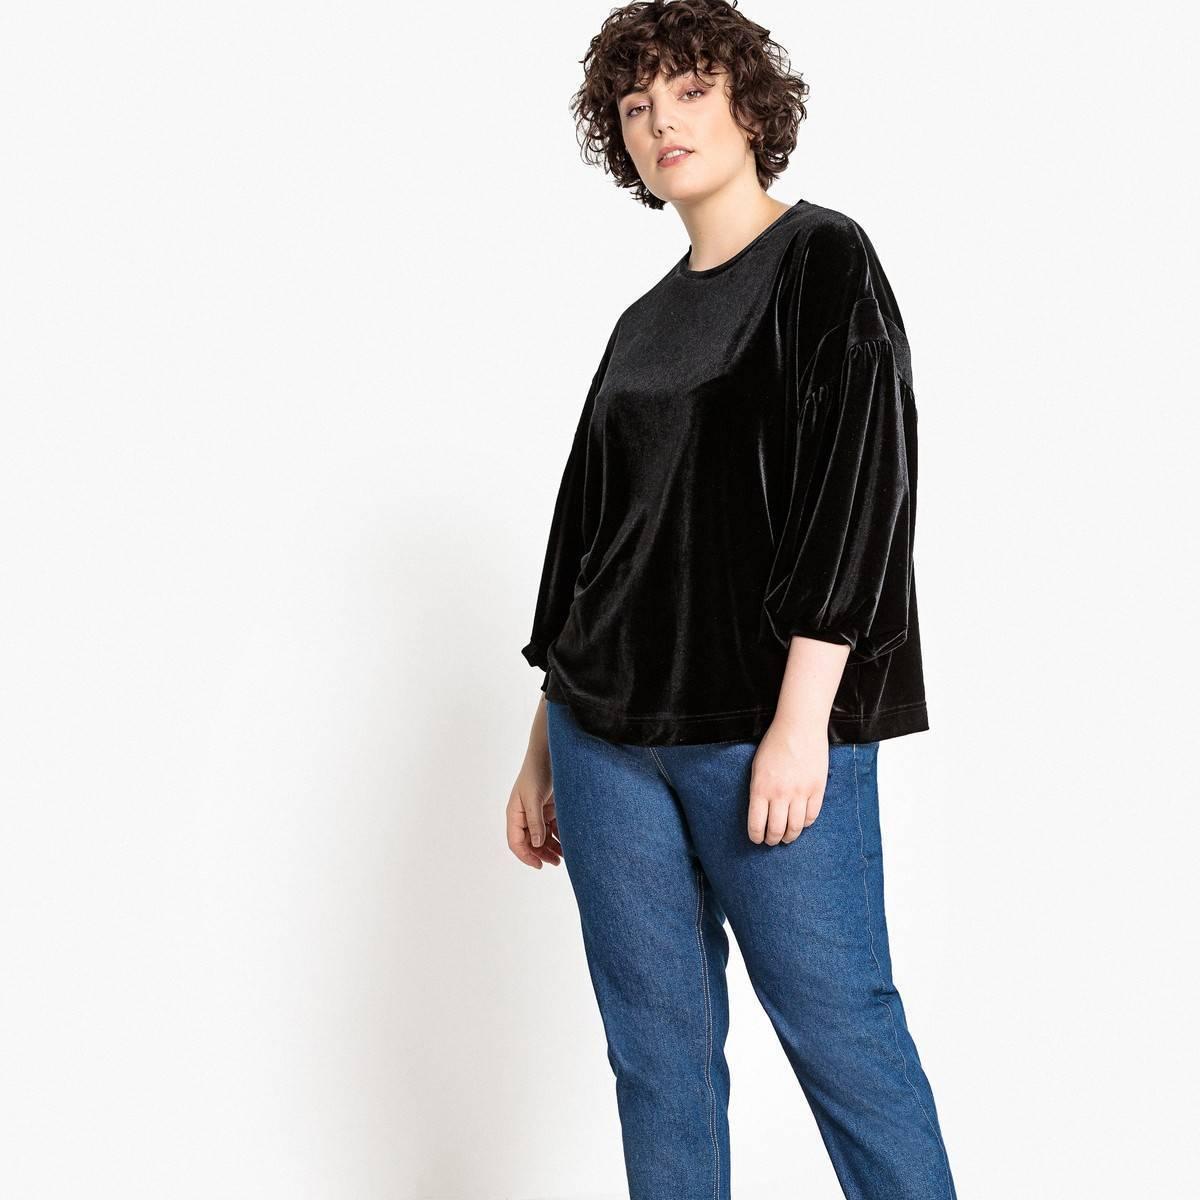 Купить Блузку С Длинным Рукавом Для Женщин